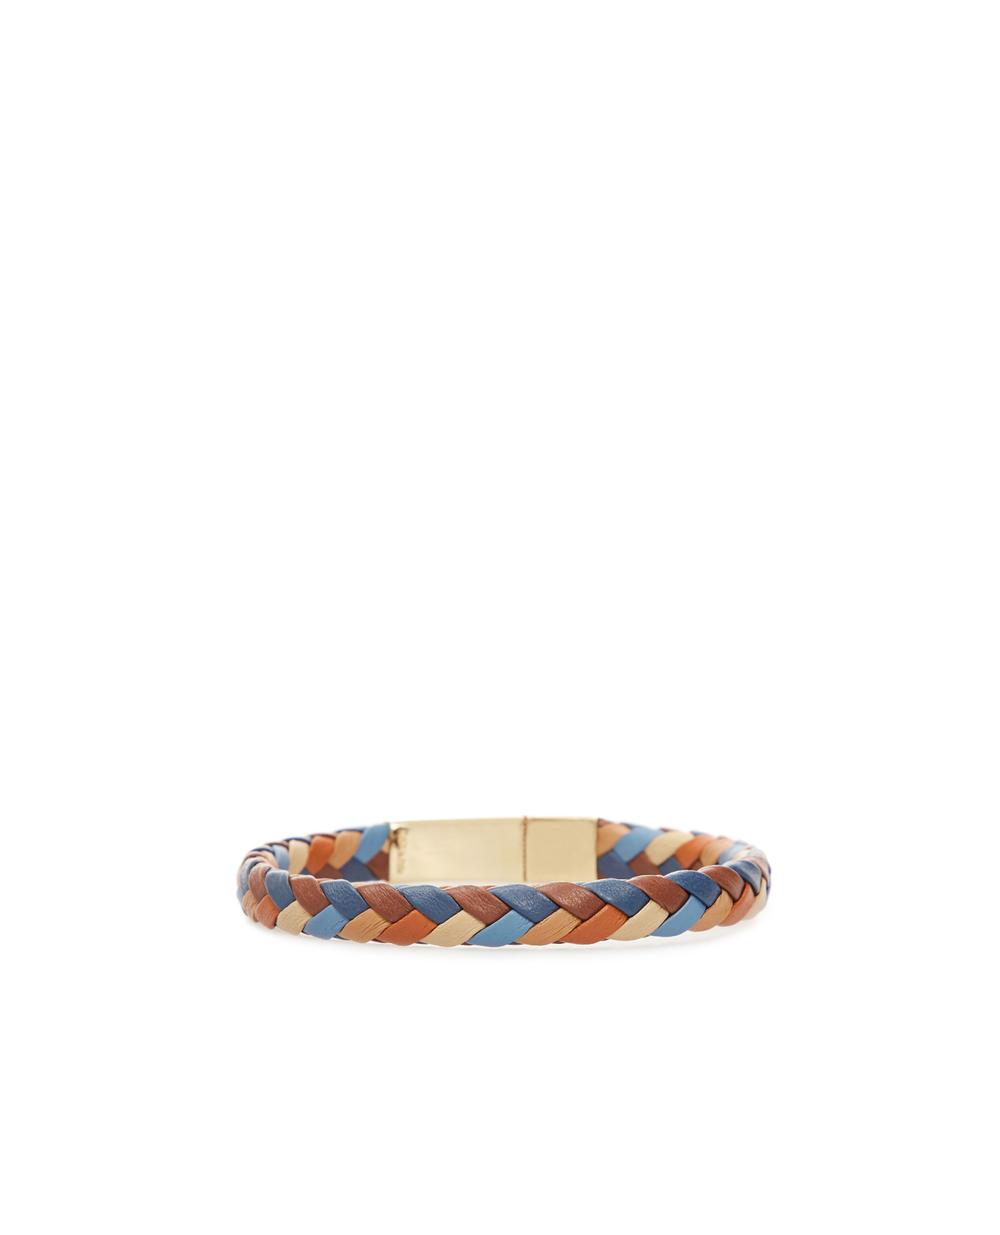 Кожаный браслет Dolce&Gabbana WBM5R4-W1111 — Kameron